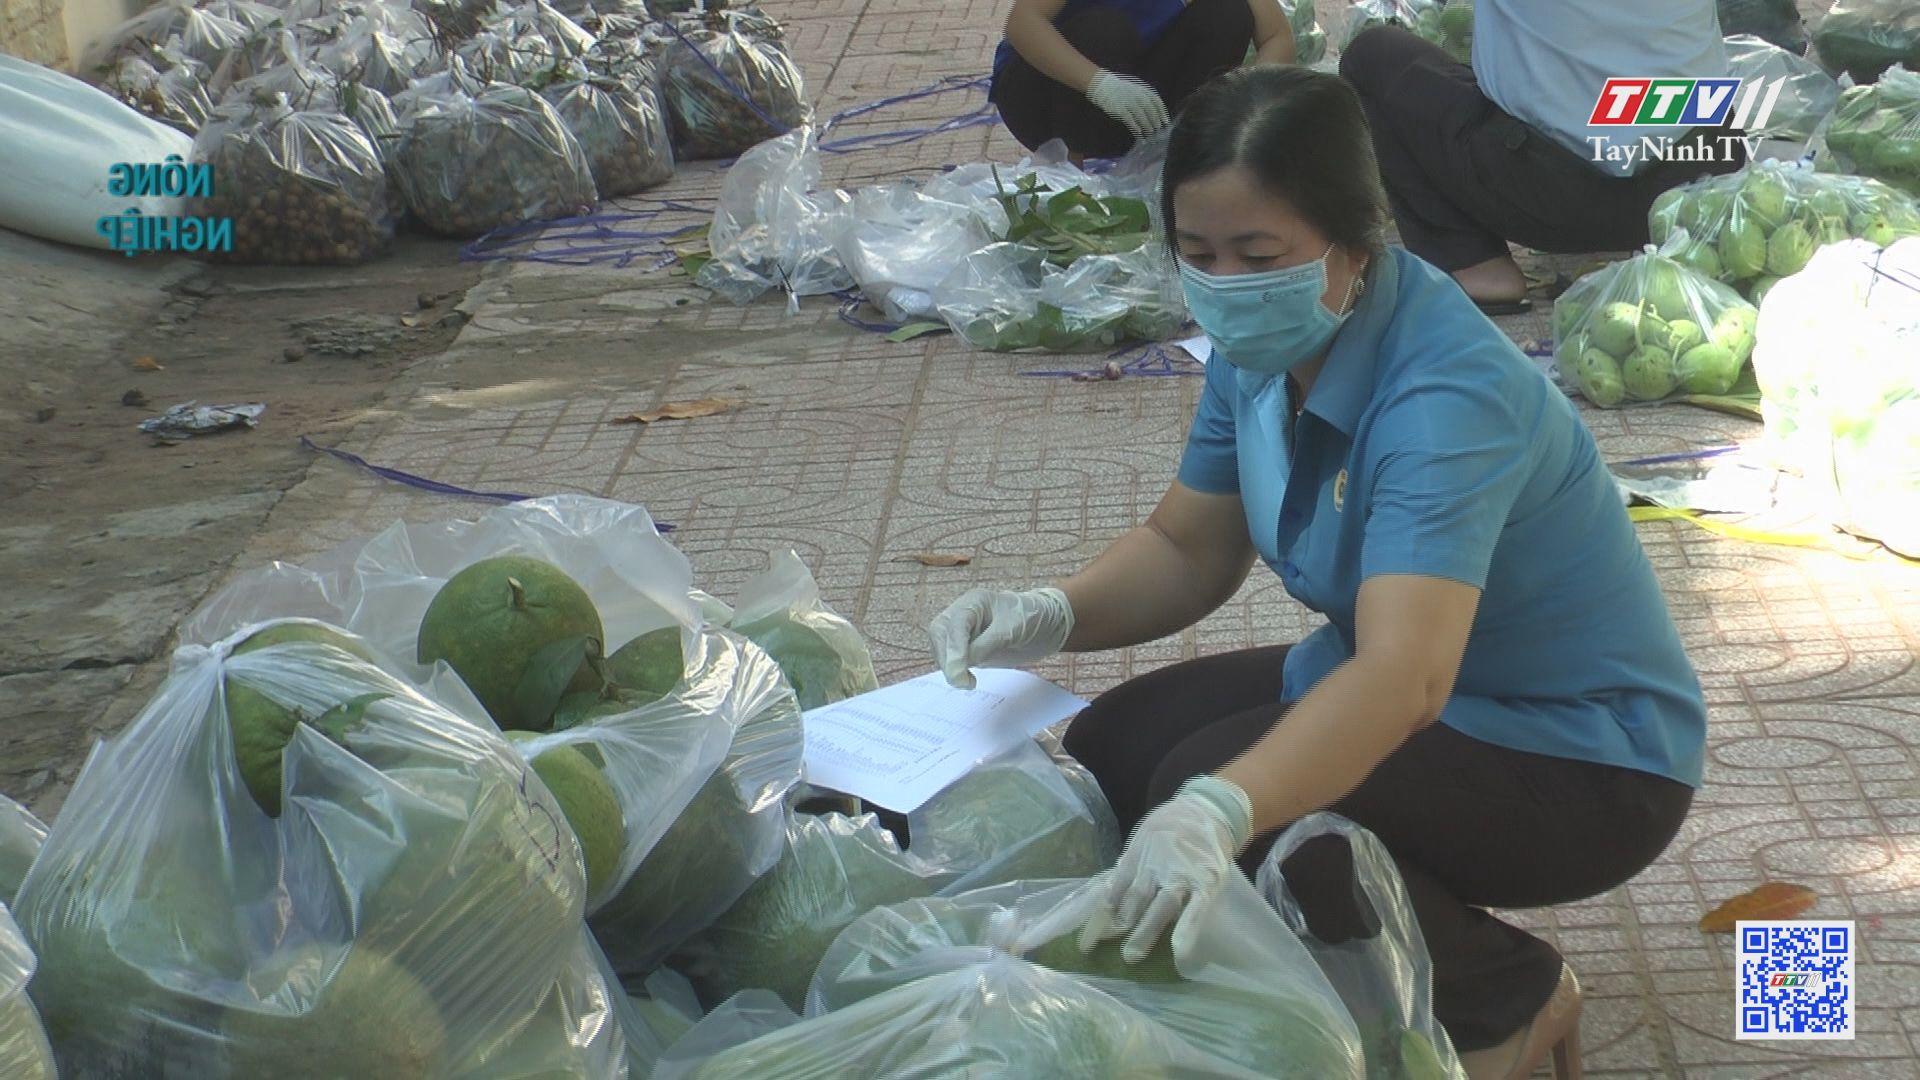 Ngành nông nghiệp tiếp tục hỗ trợ tiêu thụ nông sản   NÔNG NGHIỆP TÂY NINH   TayNinhTV